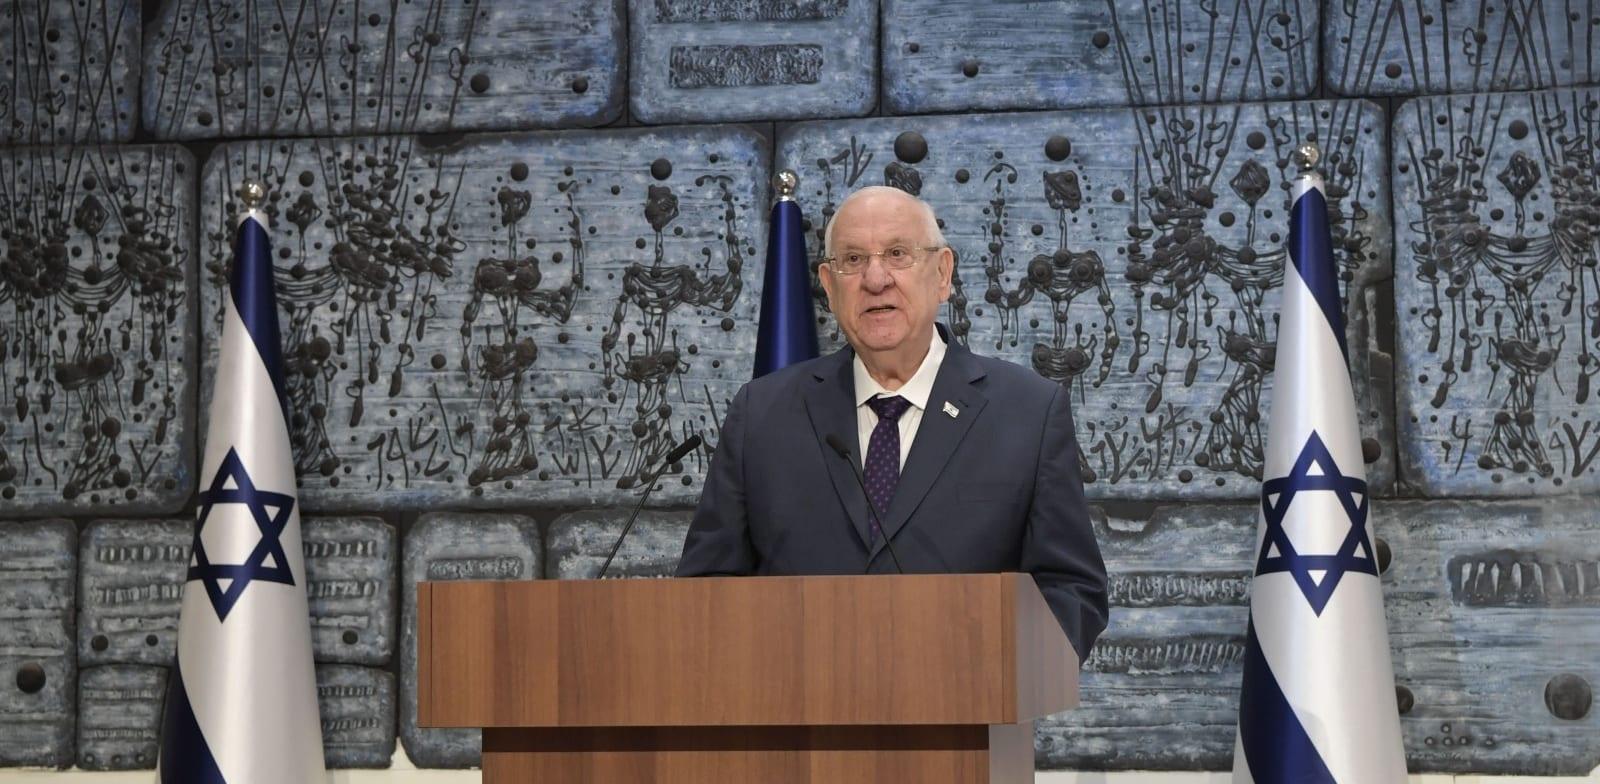 """נשיא המדינה ראובן ריבלין מעניק לבנימין נתניהו את המנדט להרכבת הממשלה / צילום: קובי גדעון, לע""""מ"""